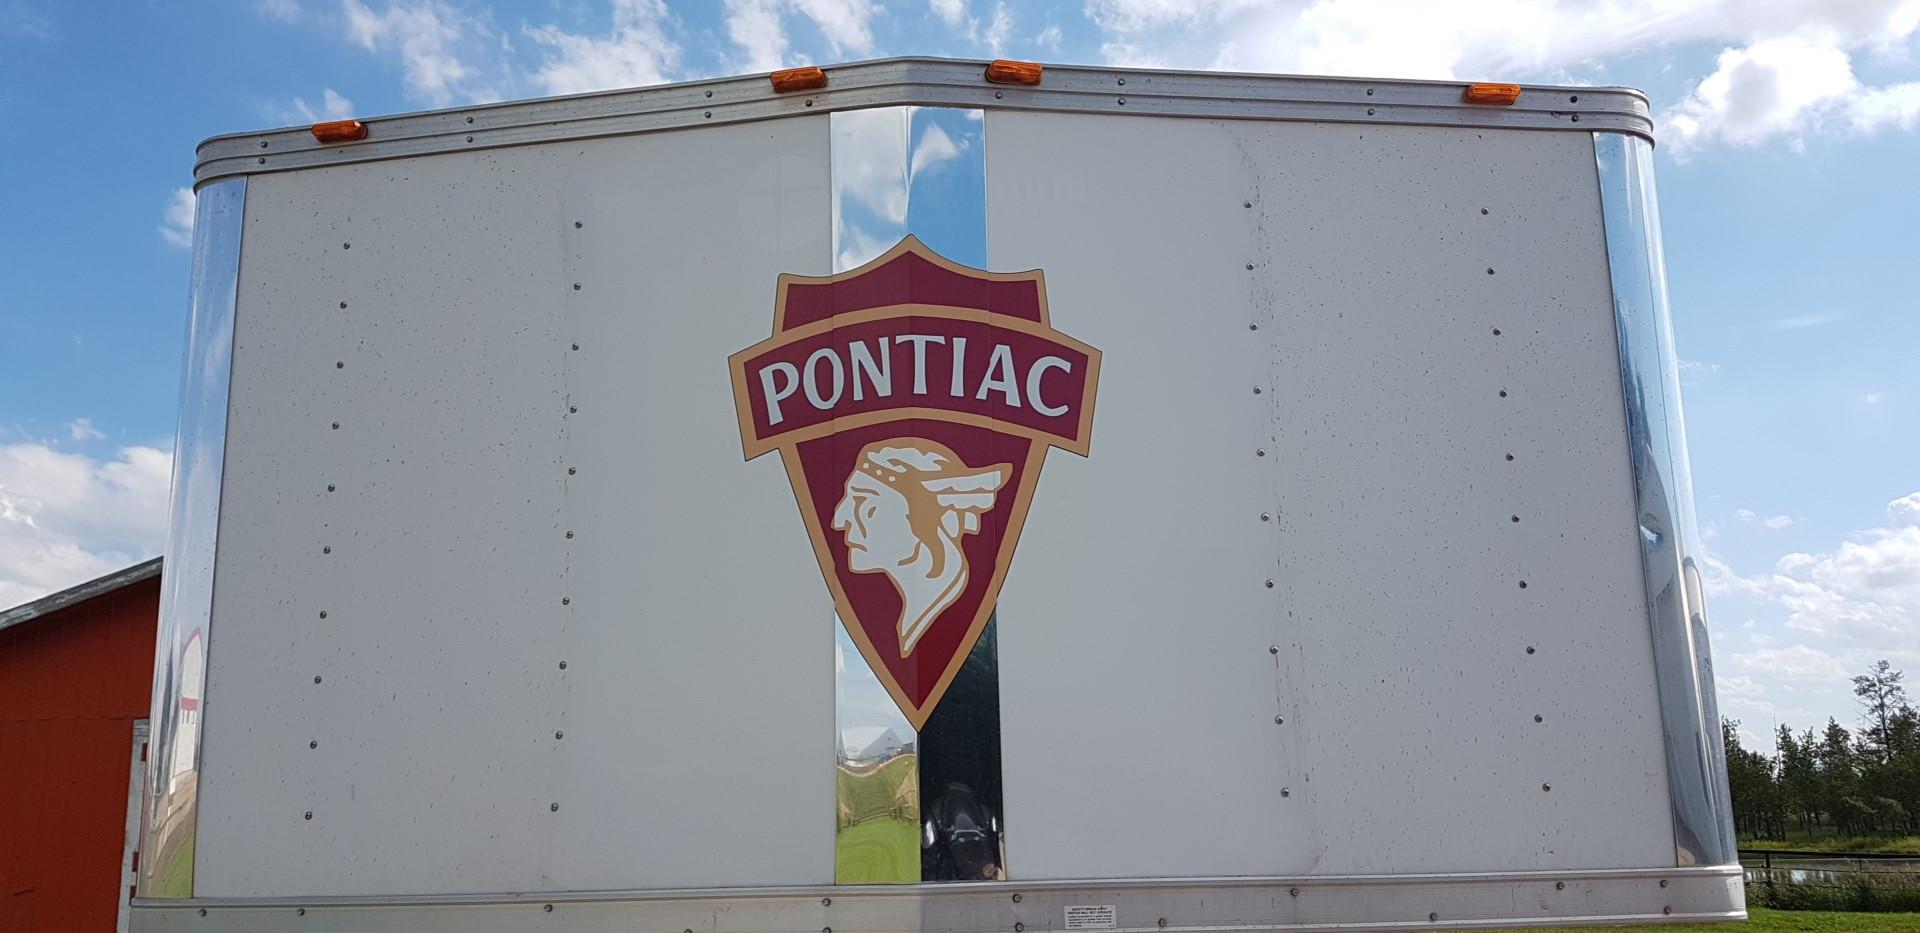 Pontiac Trailer